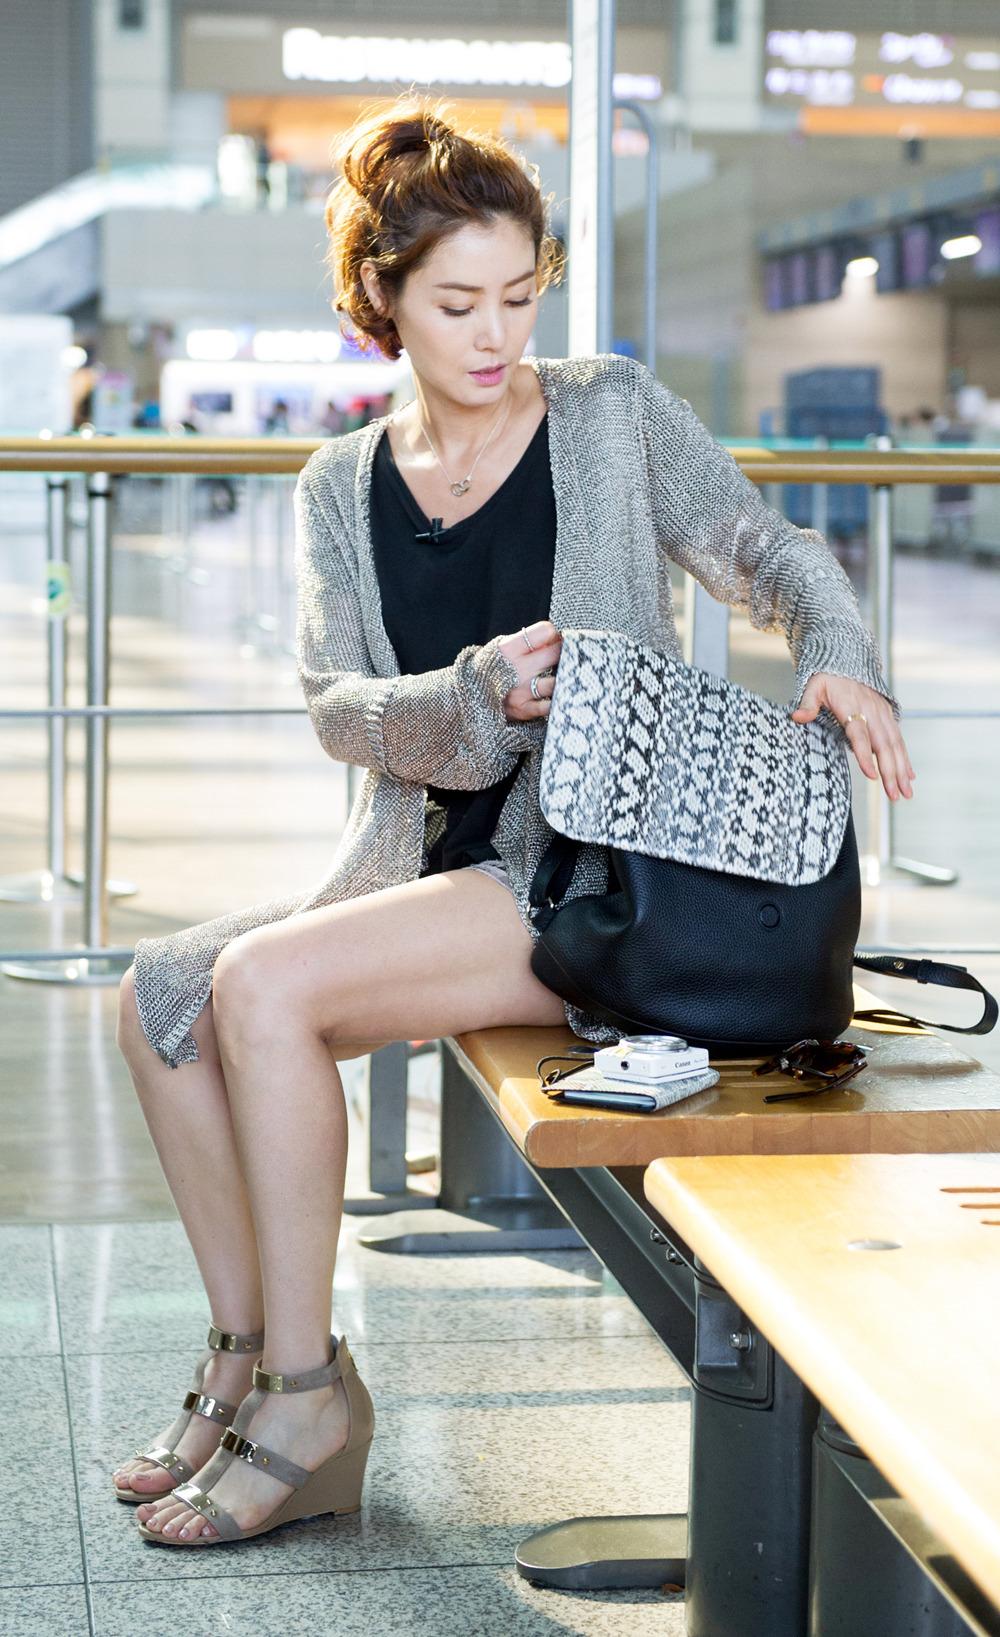 Mẹ Kim Tan Kim Sung Ryung: Cựu Hoa hậu Hàn có chồng đại gia và đứa con người Việt - Ảnh 11.